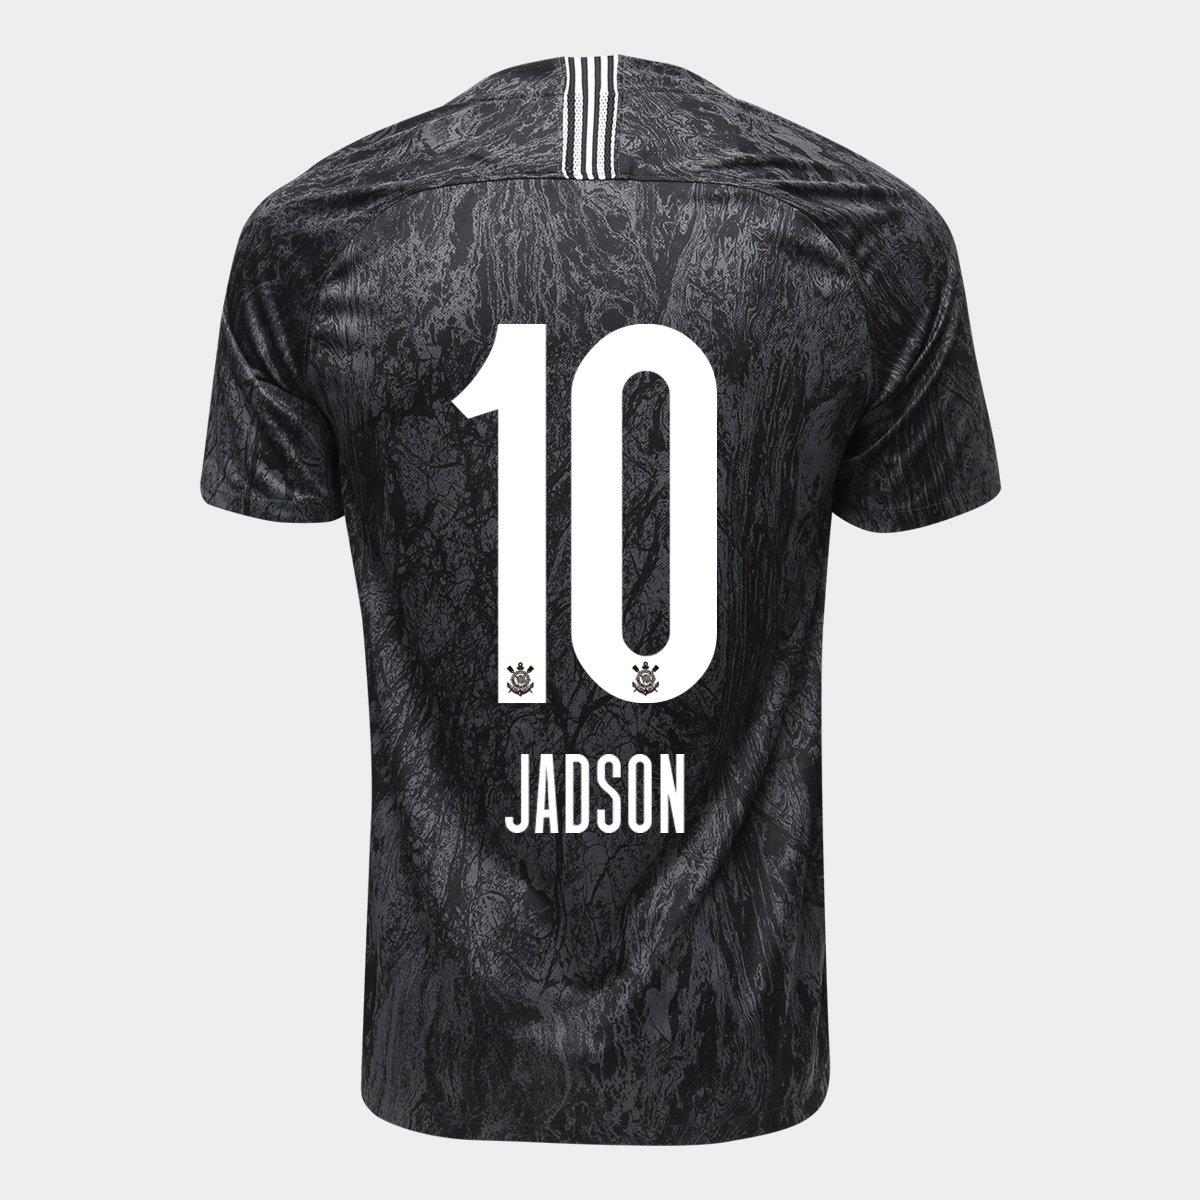 Camisa Corinthians II 18 19 Nº 10 Jadson - Torcedor Nike Masculina - Preto 0e82f95135664